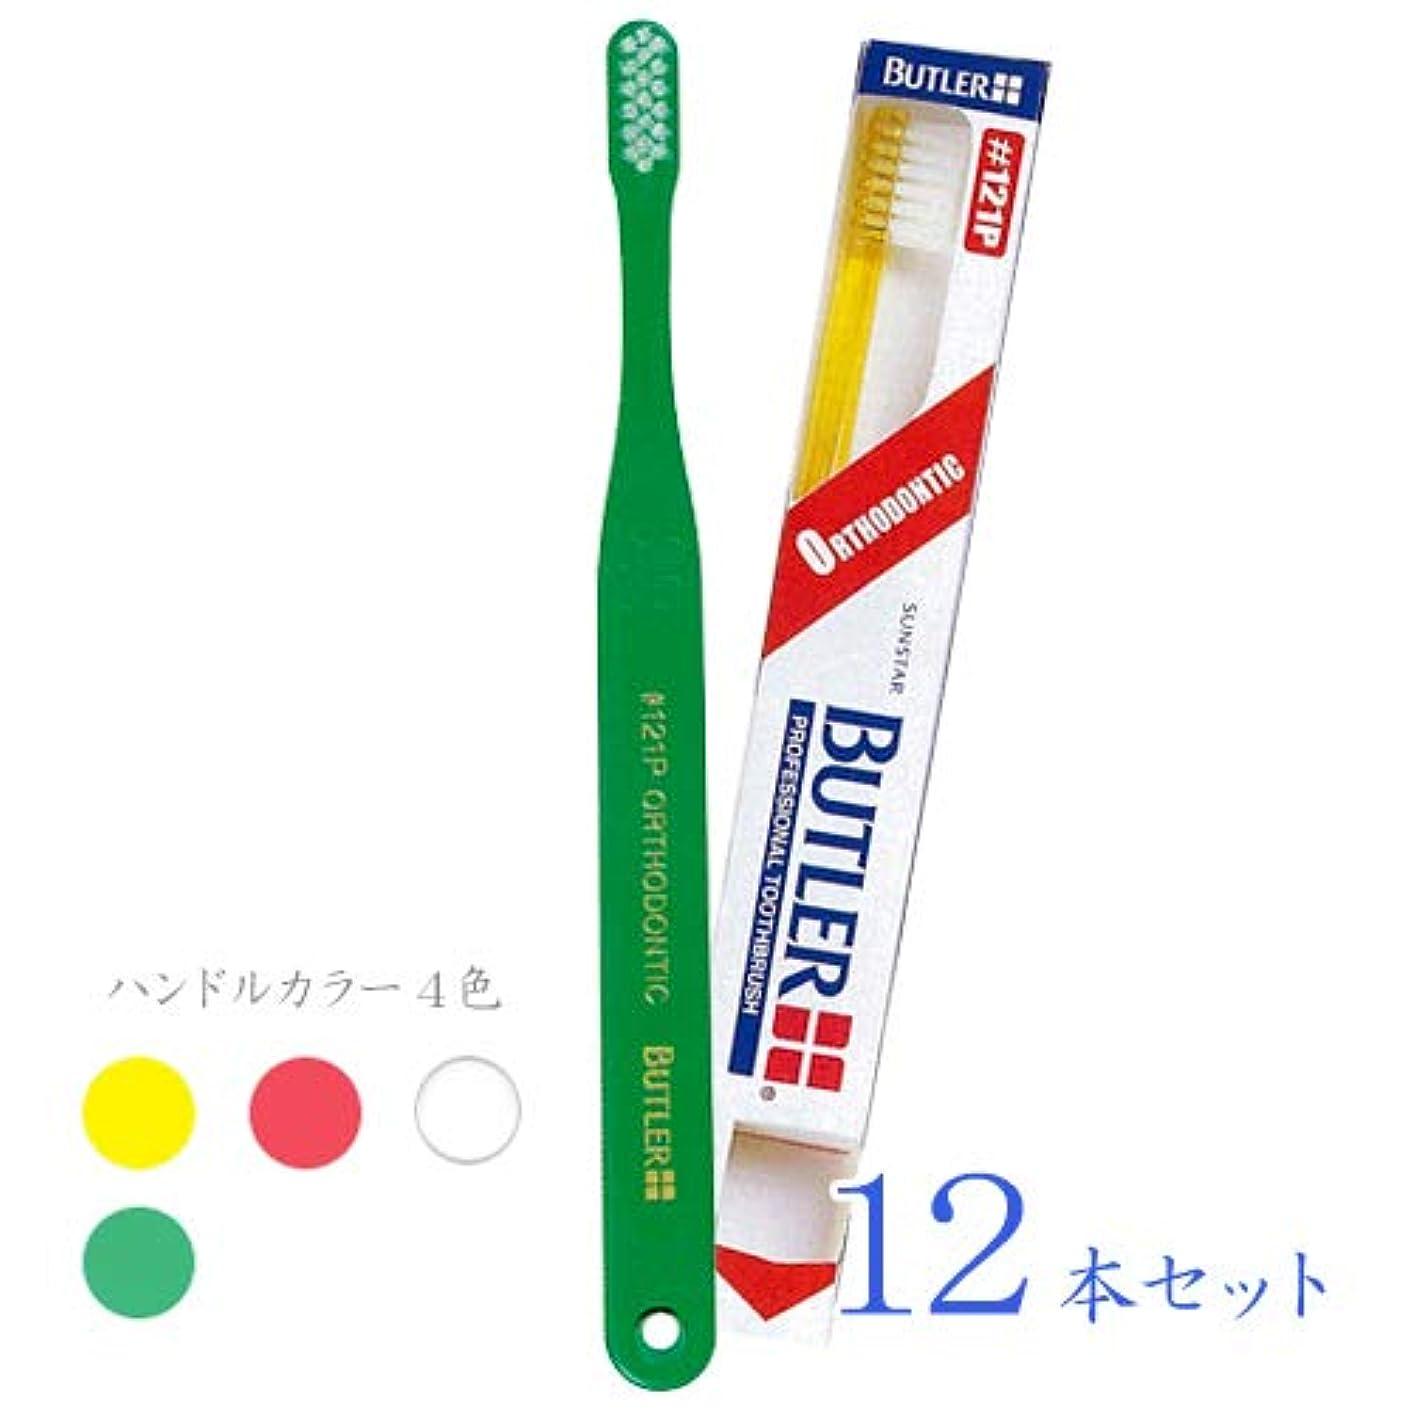 インフラコピー失態バトラー 歯ブラシ #121P 12本入